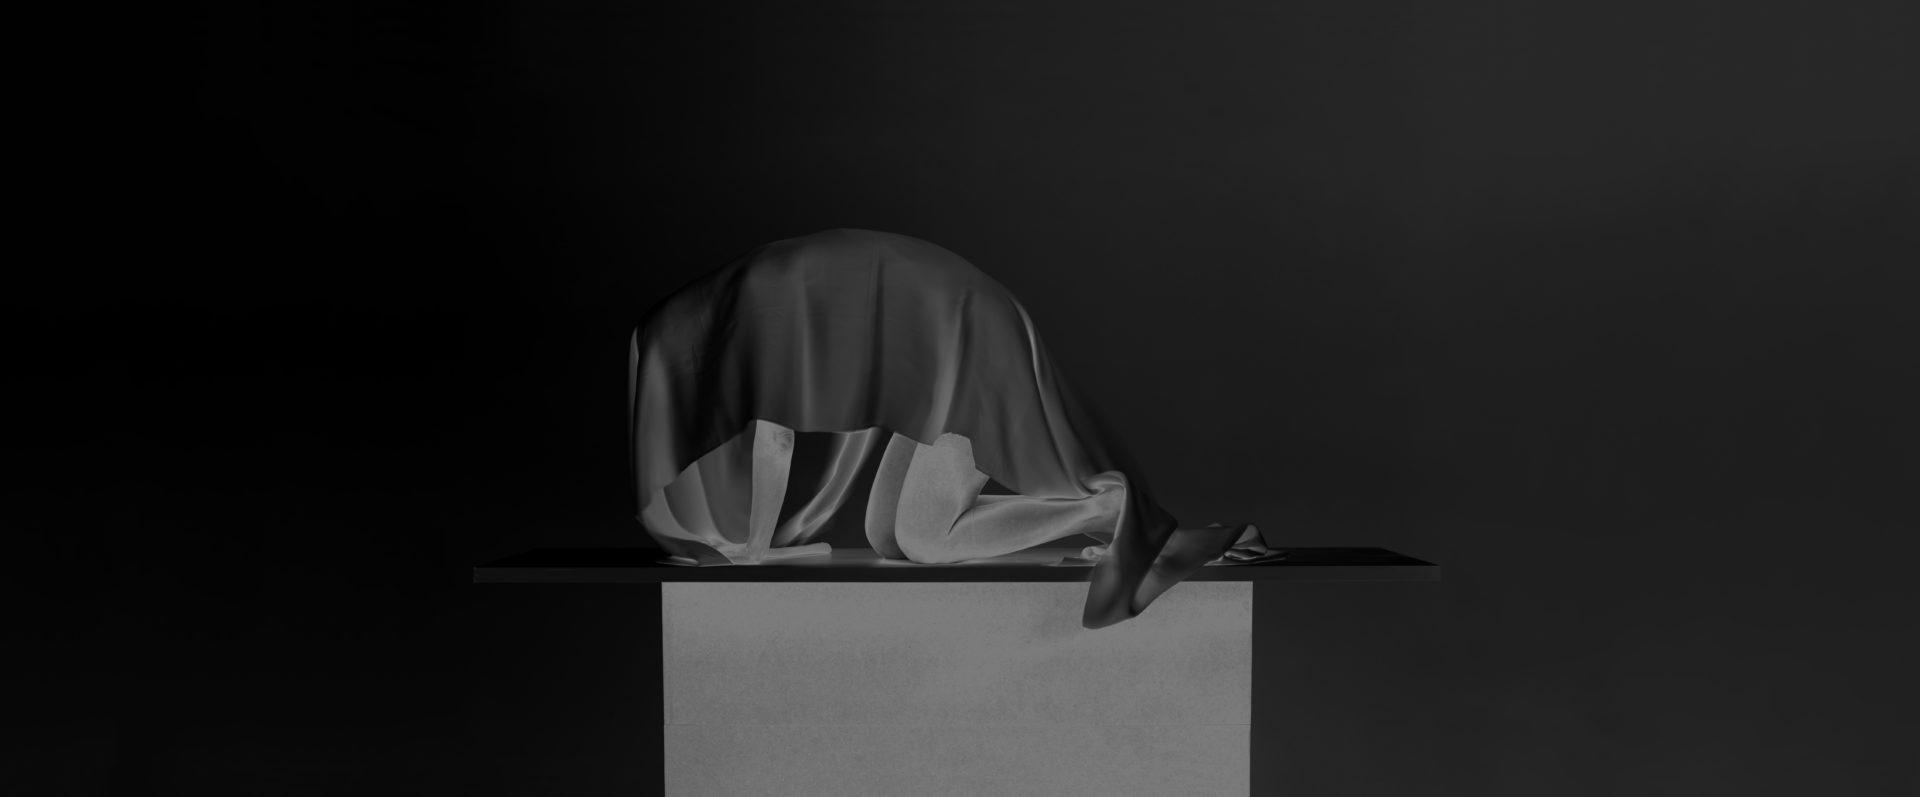 UNG SOM BLY - udstilling med Sophia Kalkau og Ursula Andkjær Olsen